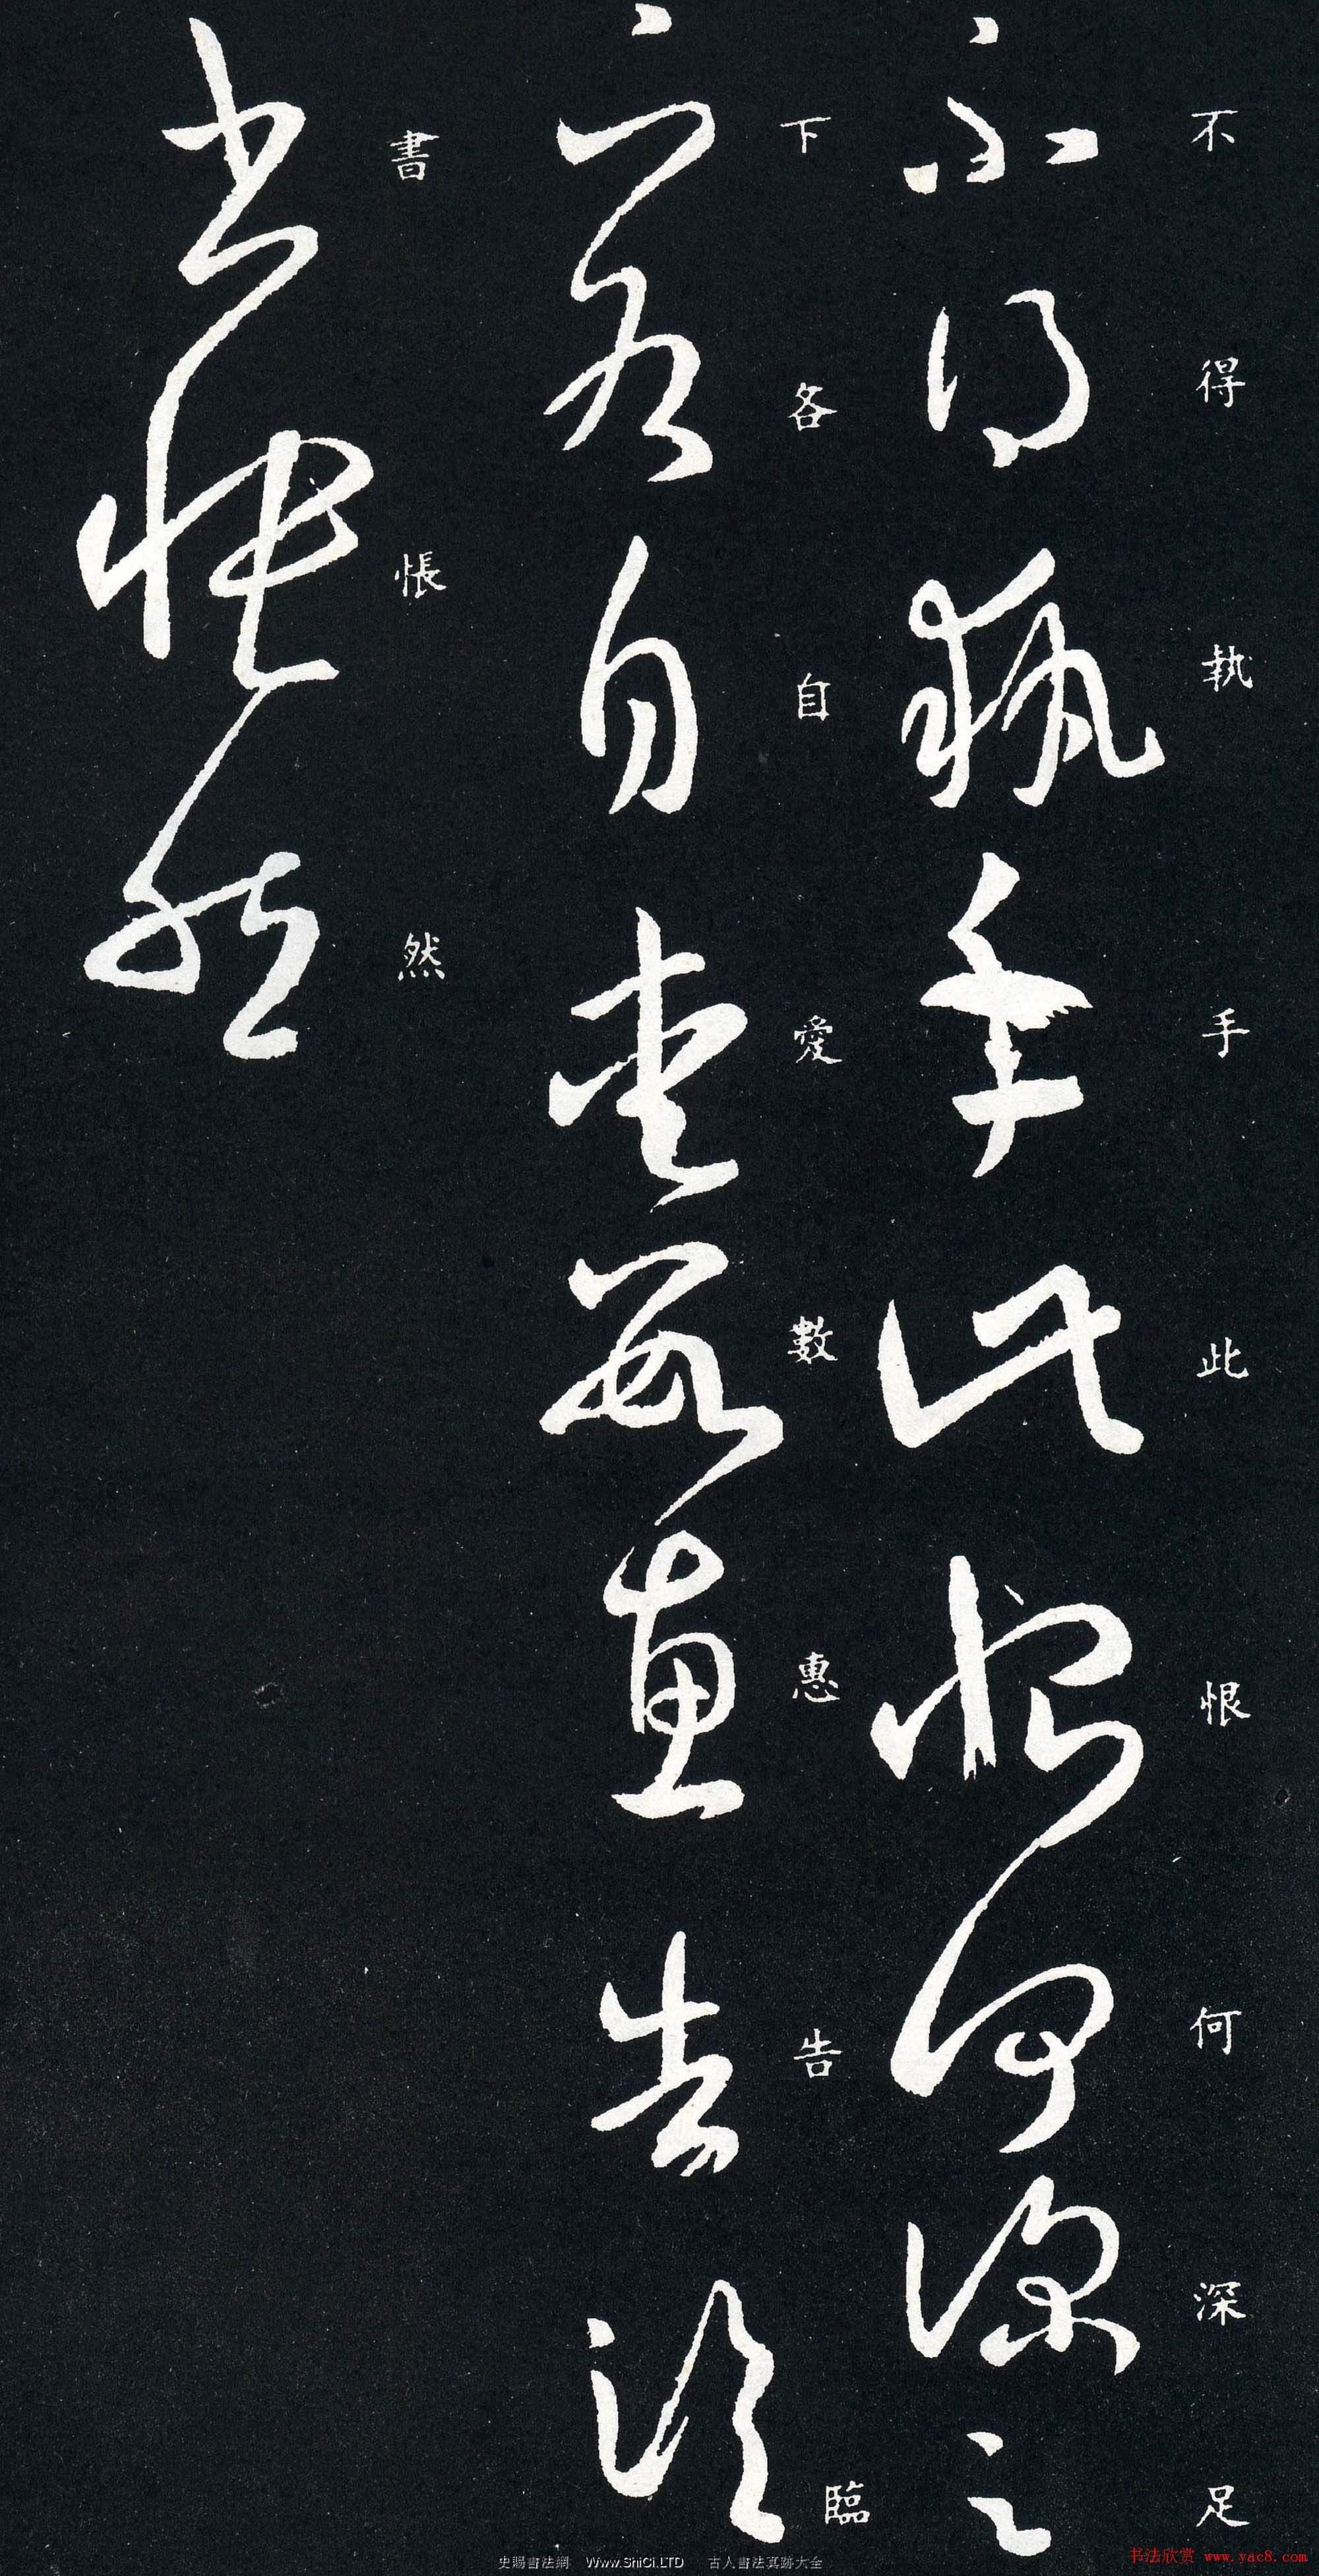 王羲之草書真跡欣賞《執手帖》(共2張圖片)